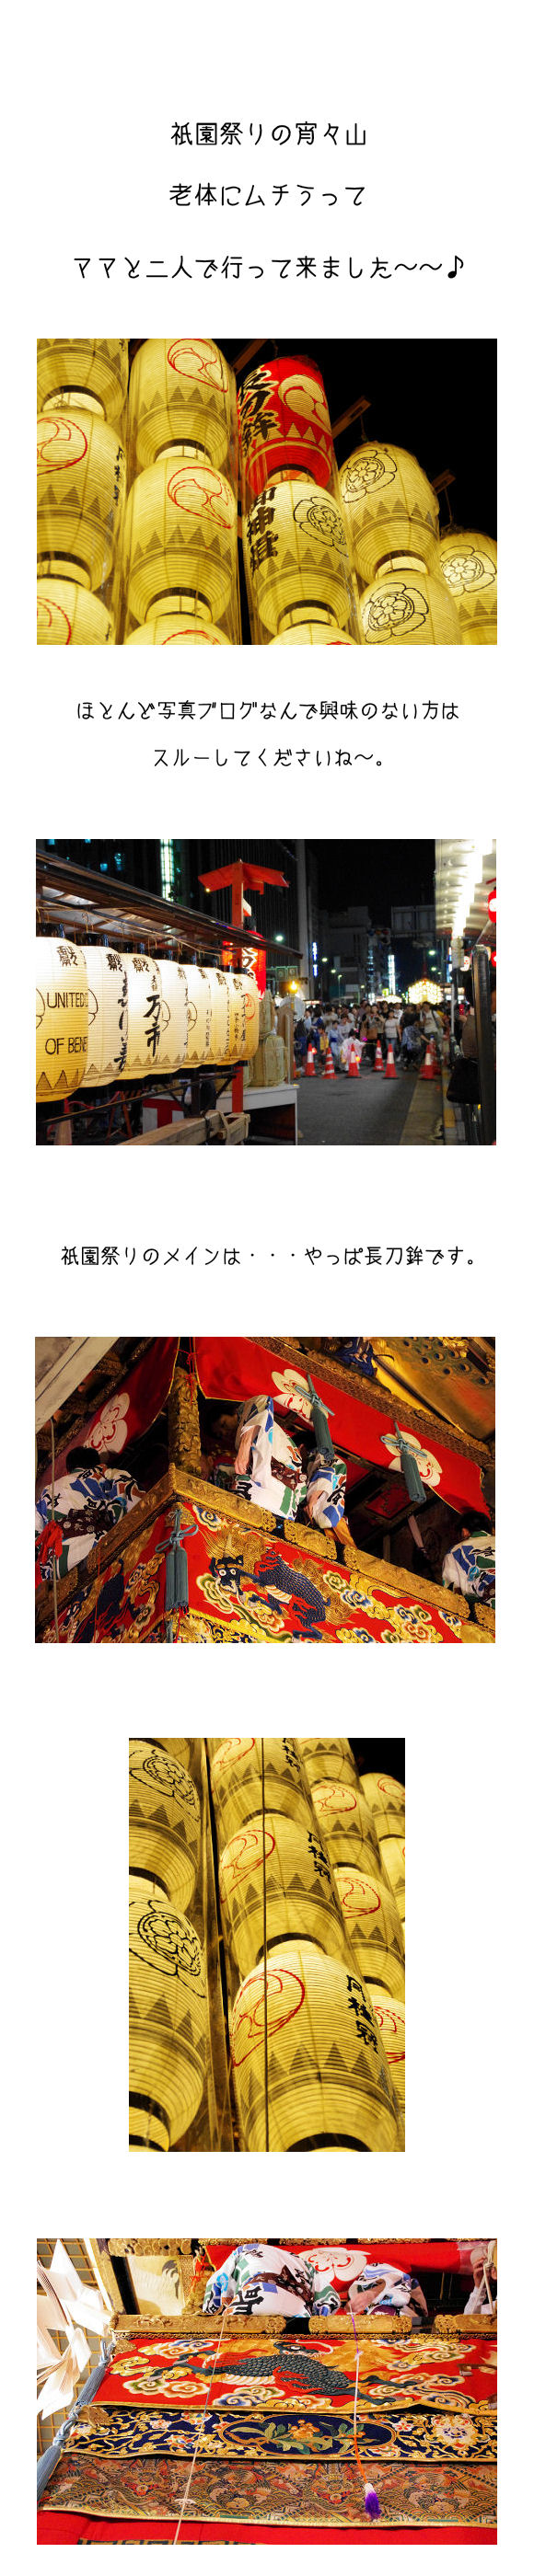 祇園の夏♪